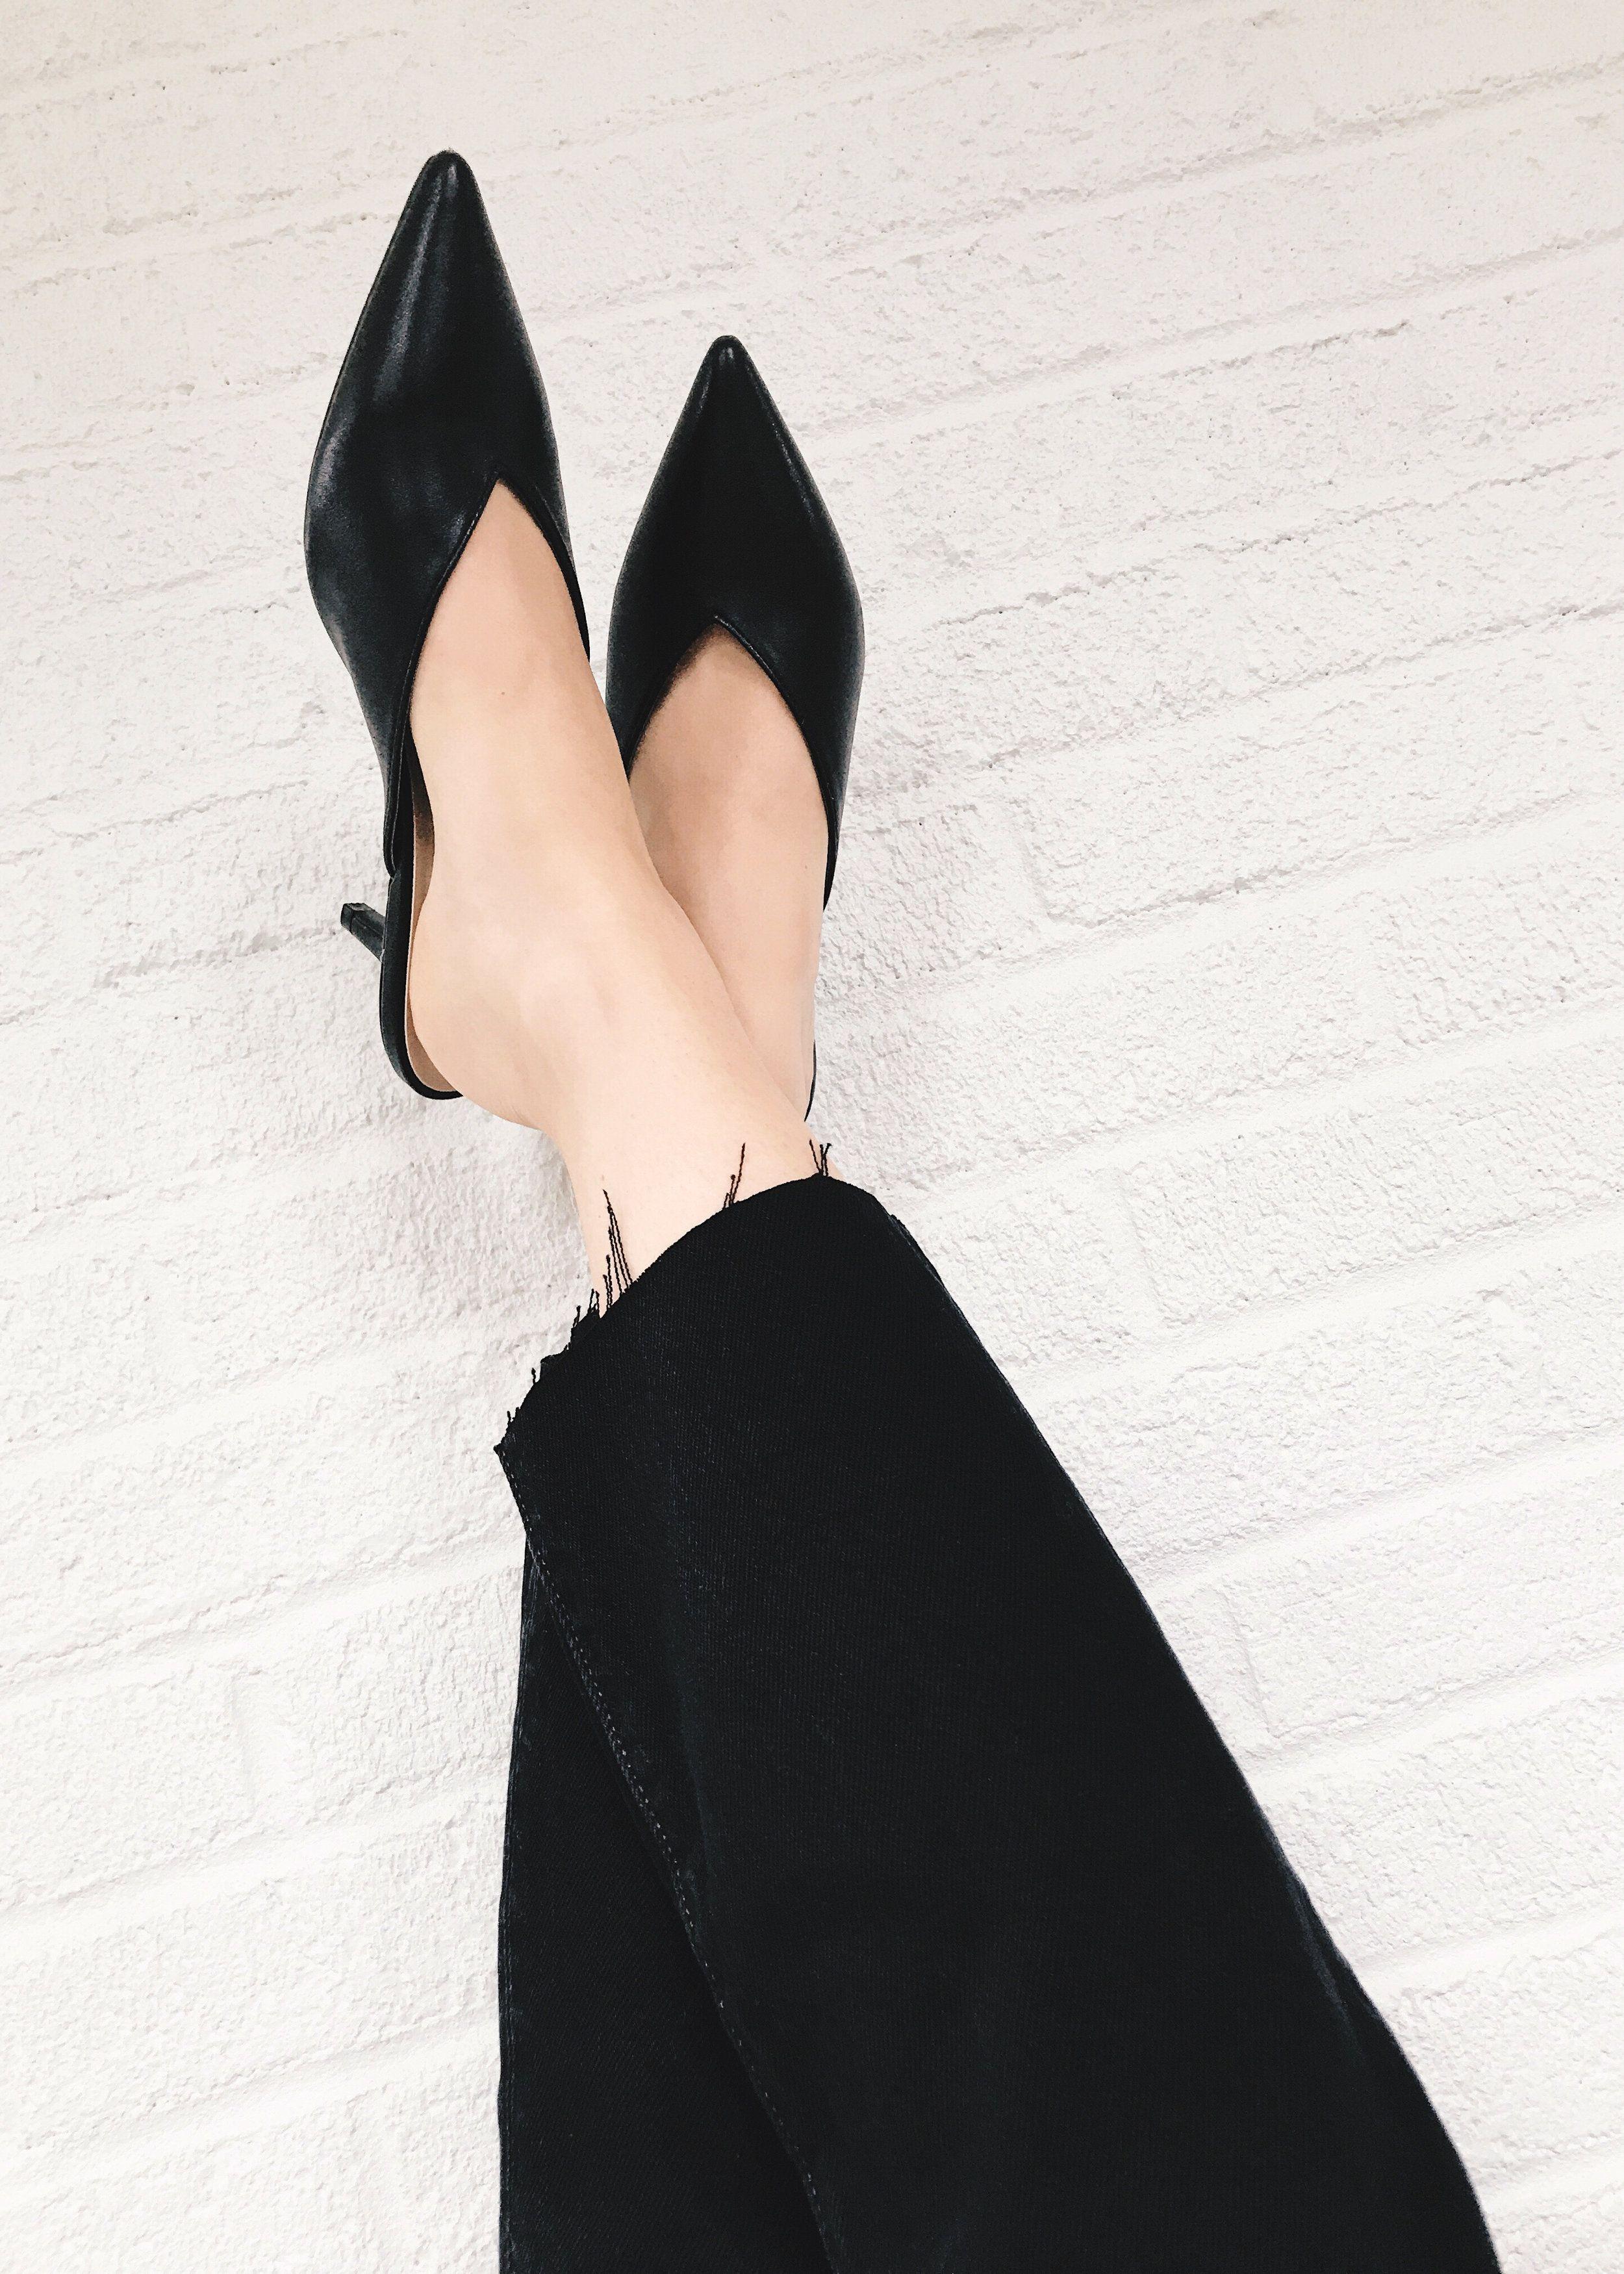 Black Kitten Heel Mules And Black Levi S 501 Skinny Jeans Black Kitten Heels Me Too Shoes Heels